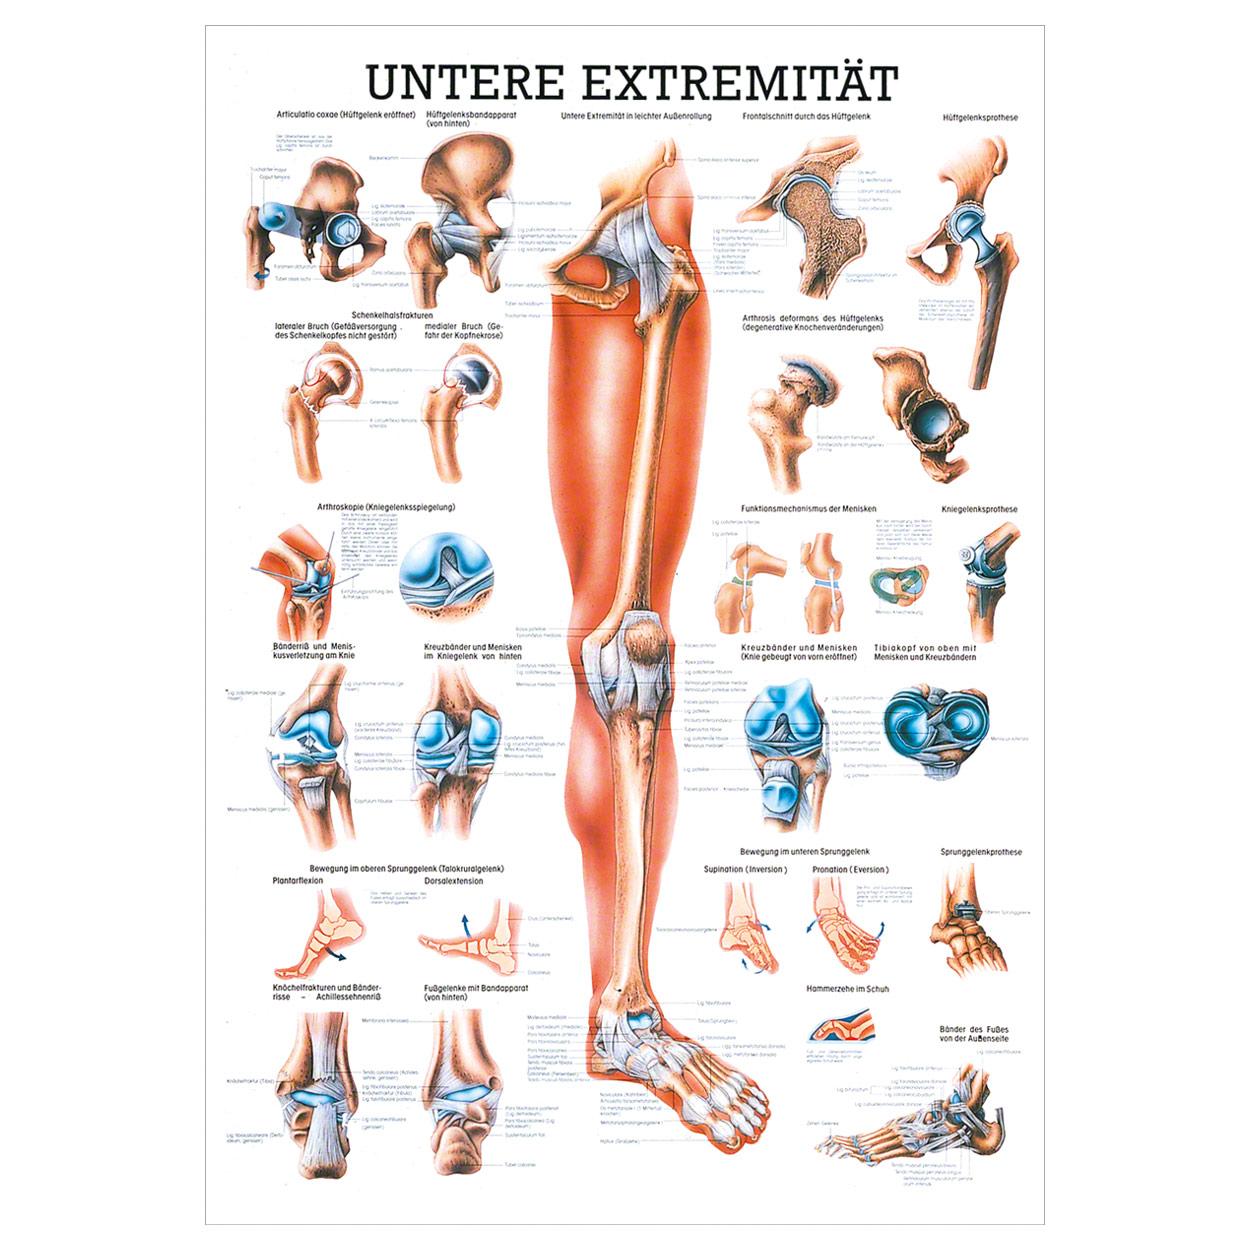 Atemberaubend Anatomie Der Unteren Extremität Muskeln Fotos ...